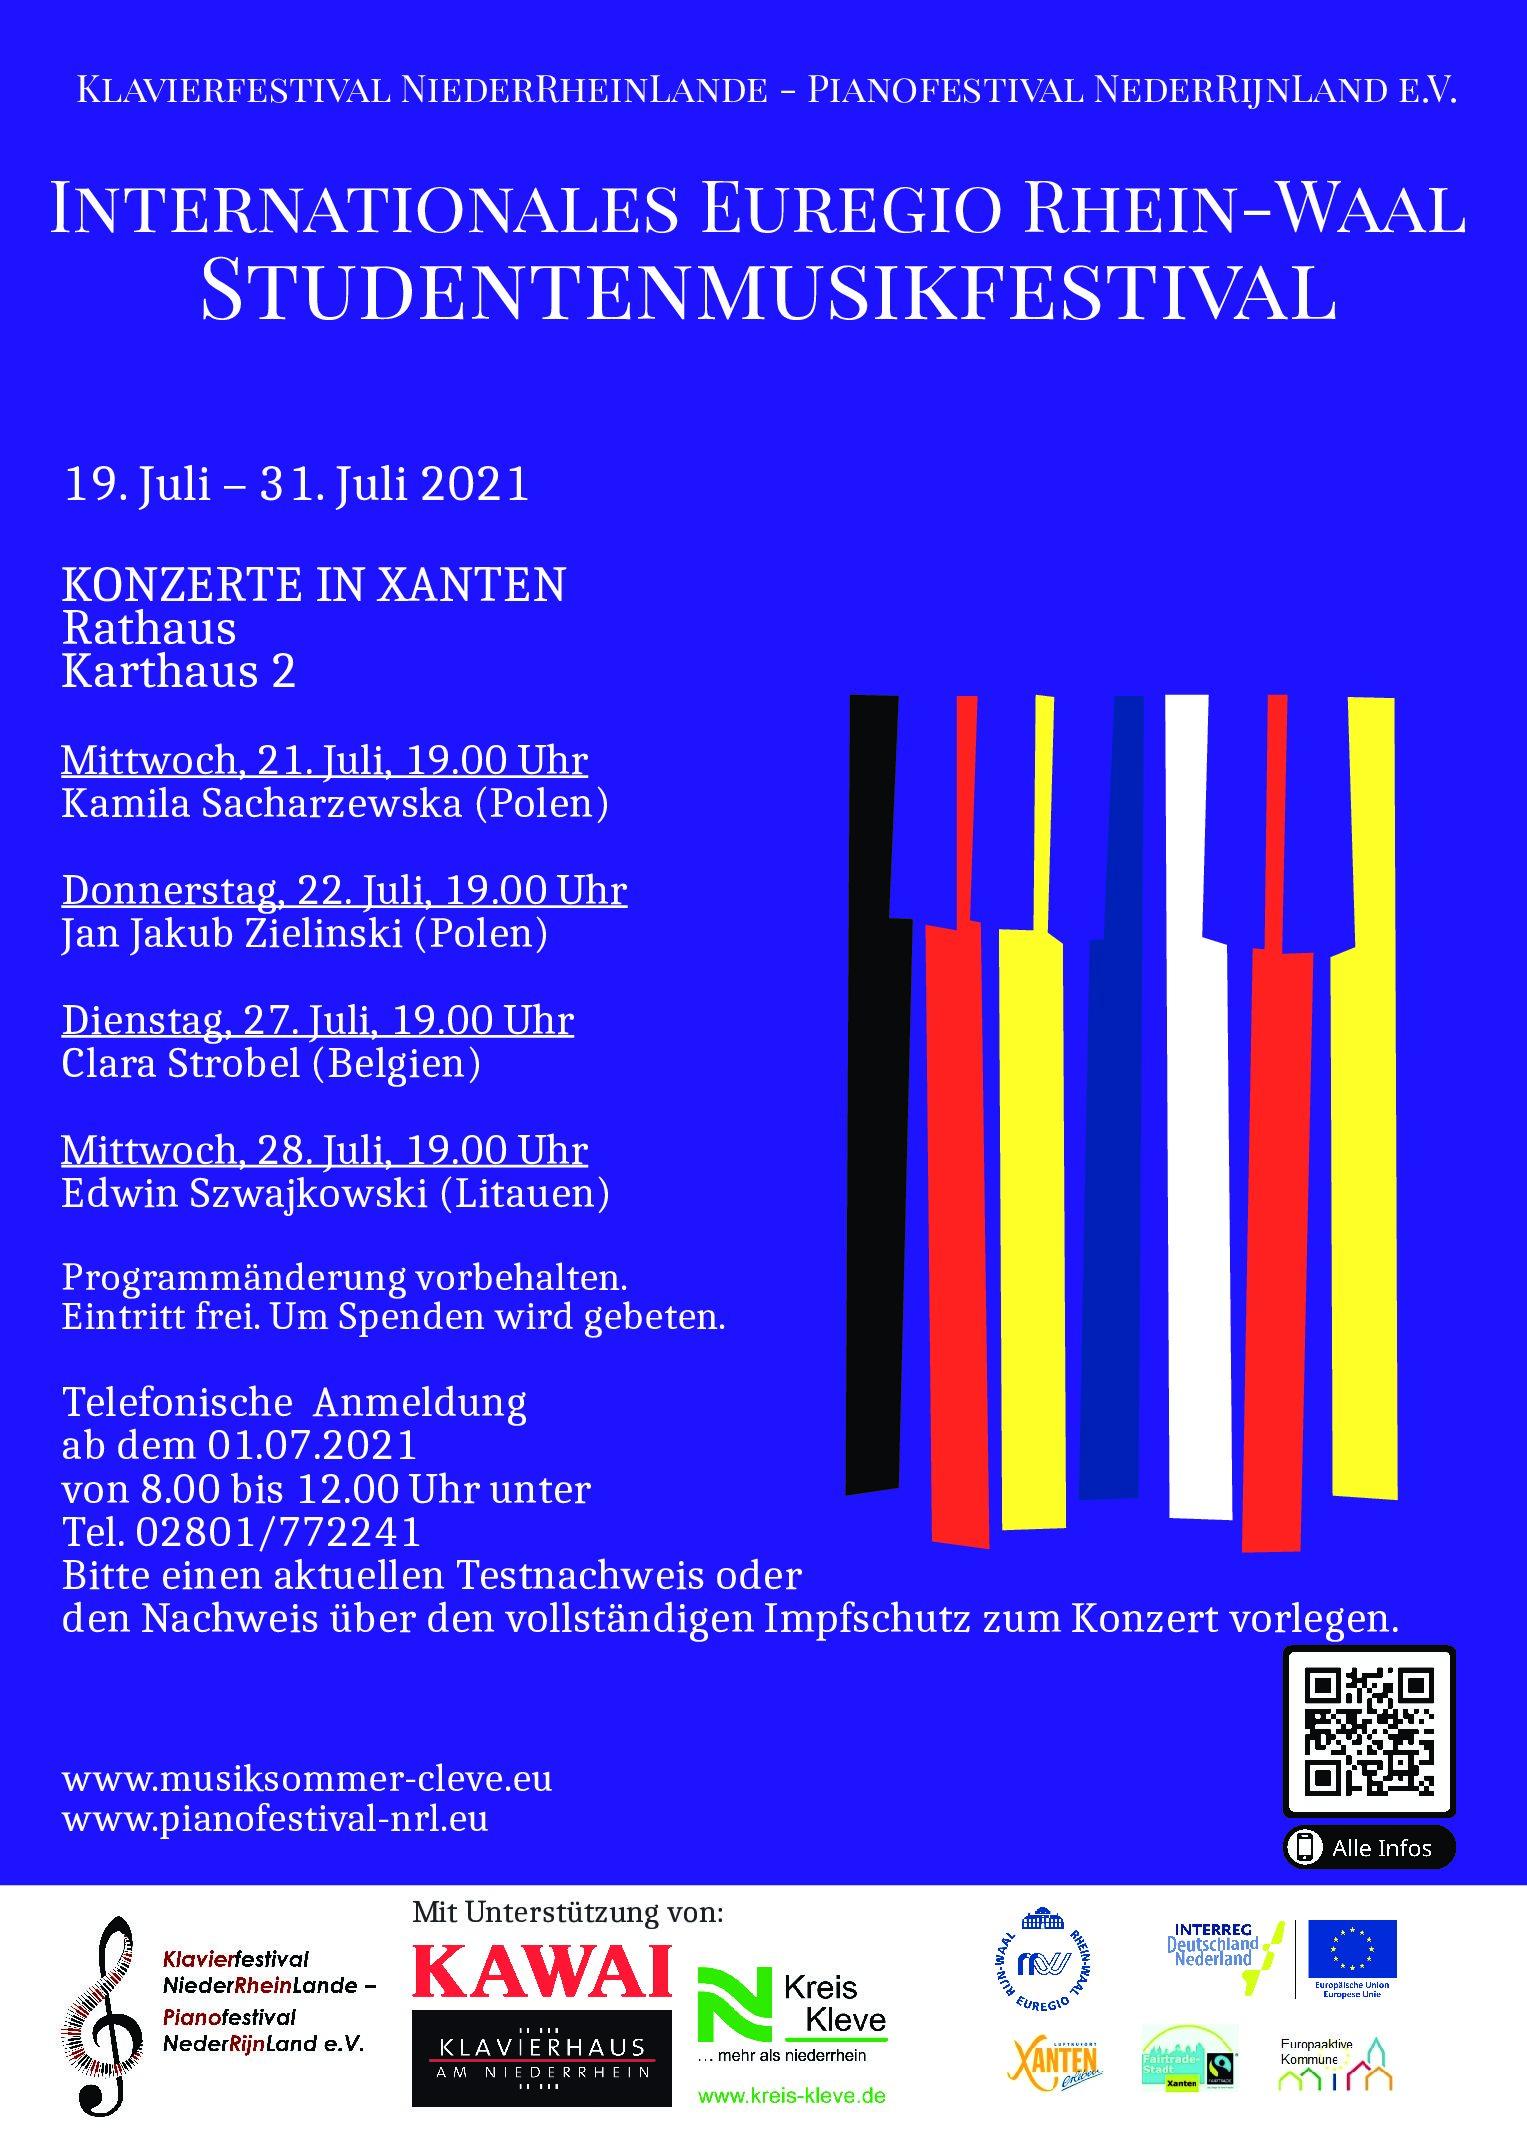 Stadt Xanten  – Vier Konzerte im Rahmen des Studentenfestivals